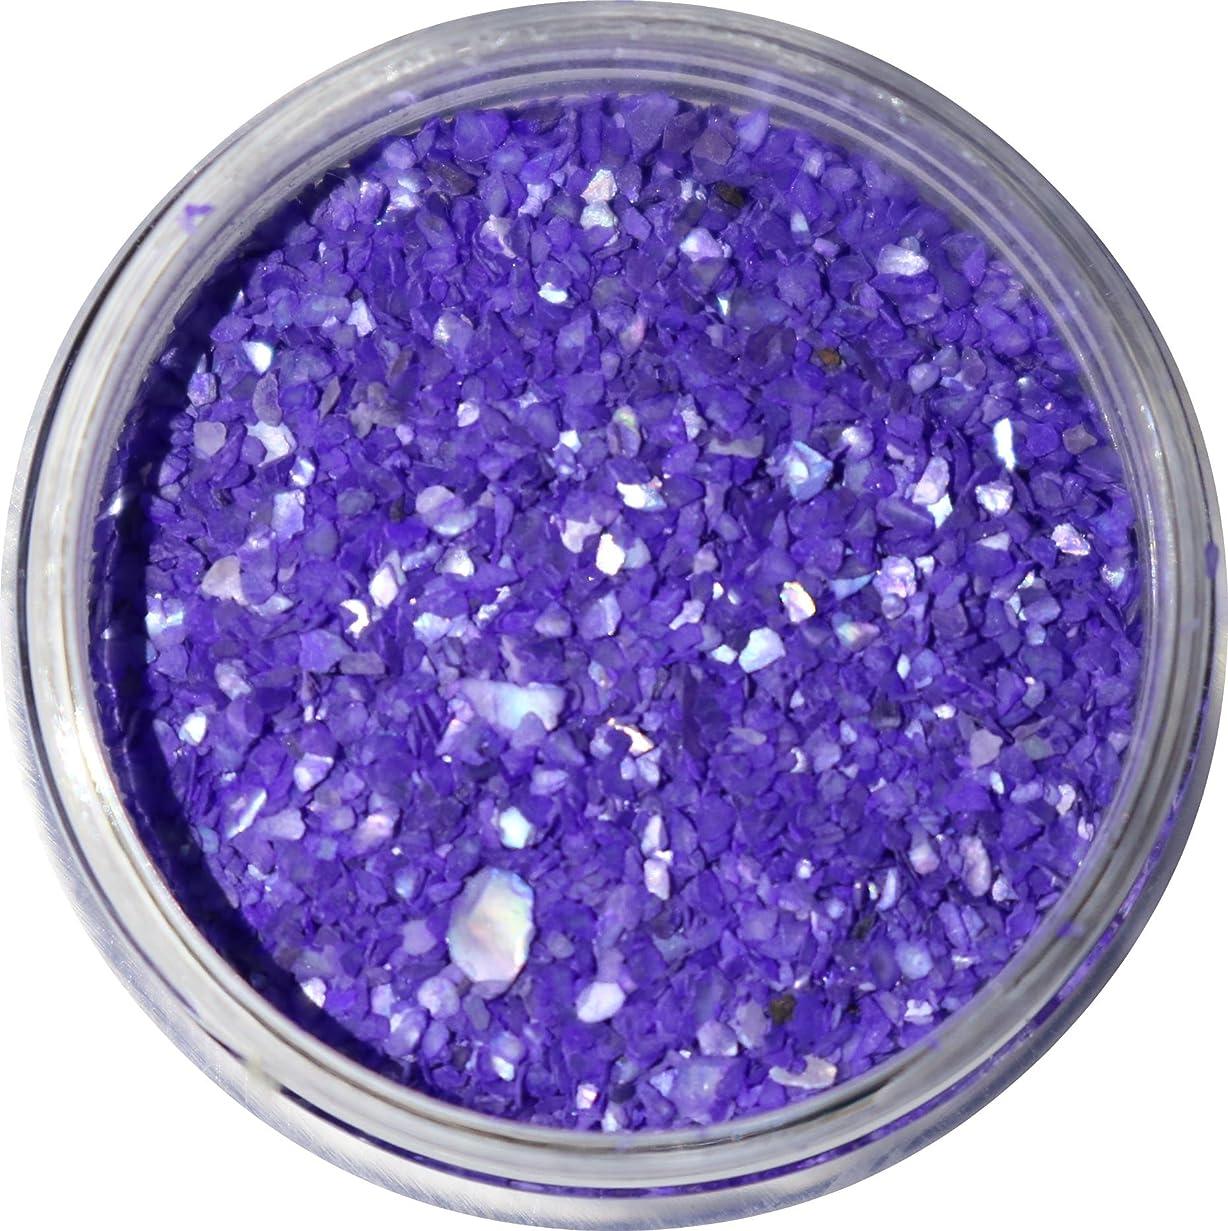 順応性のあるルーチン倒錯【jewel】微粒子タイプ シェルパウダー 3g入り 12色から選択可能 (バイオレットブルー)